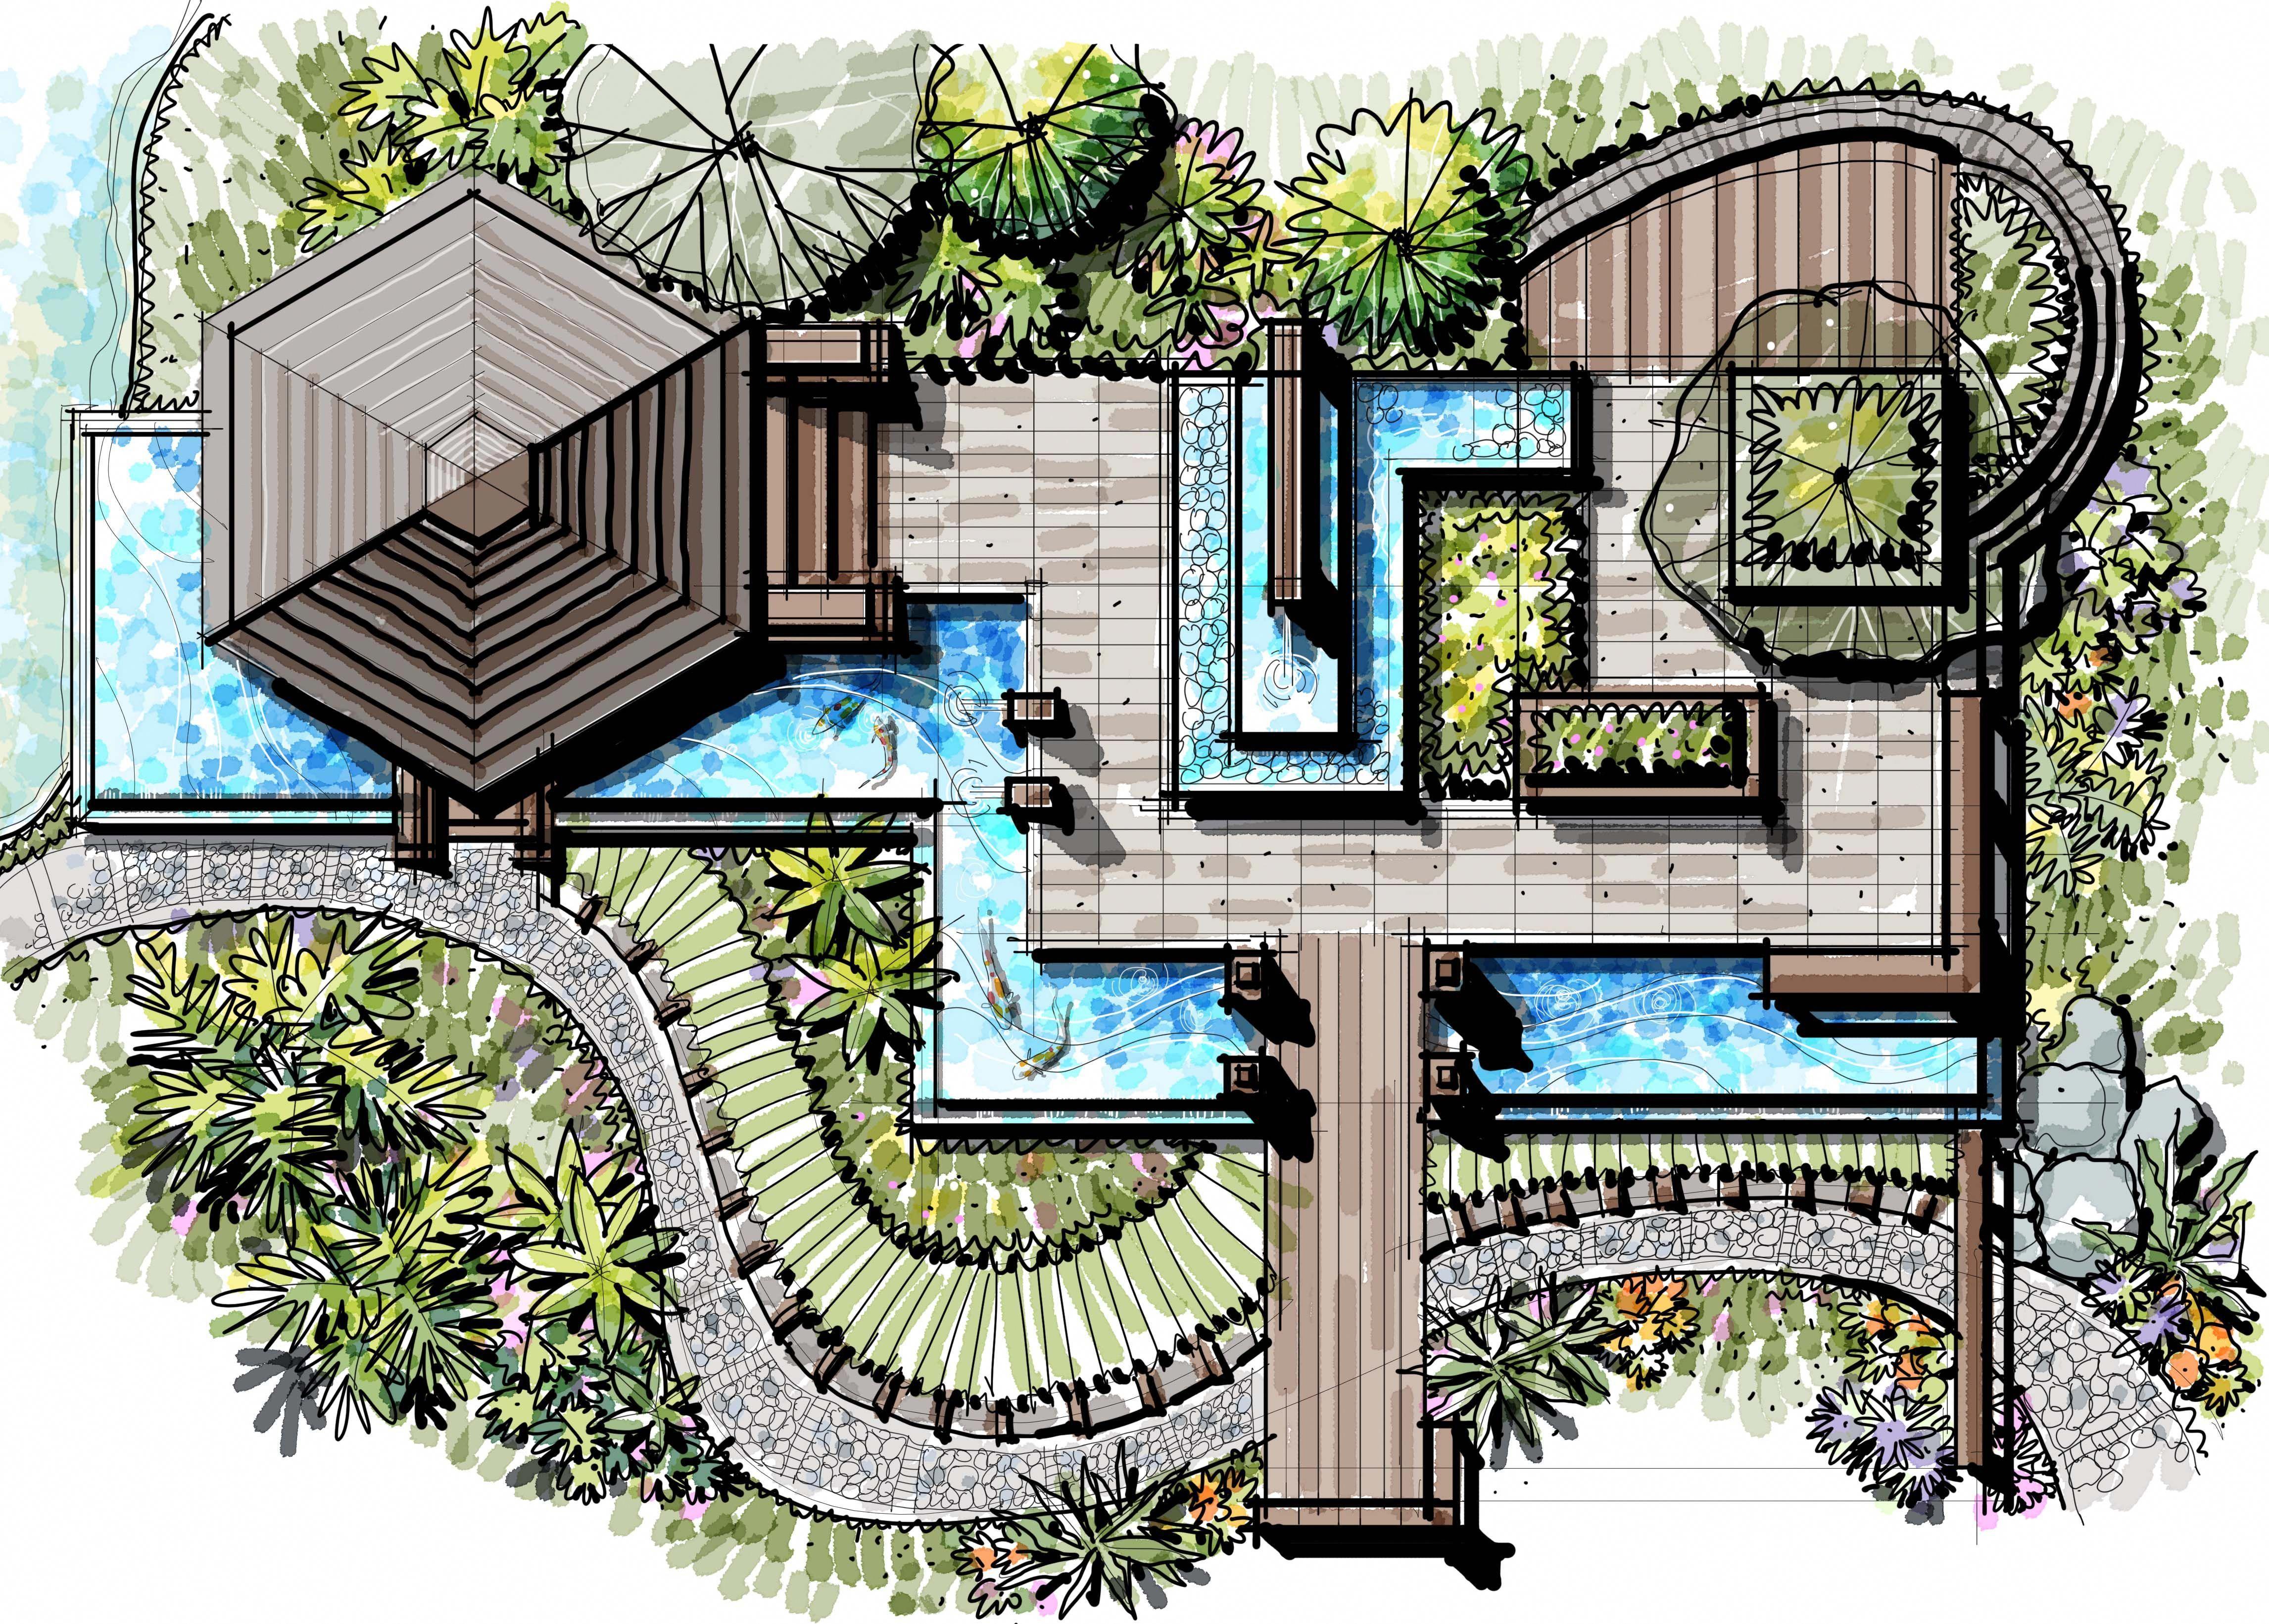 Pavilion Landscape Pavilion Water Edge Landscape Landscape Design Refl Landscape Architecture Drawing Landscape Architecture Plan Landscape Design Drawings,Creative Beautiful Landscape Design